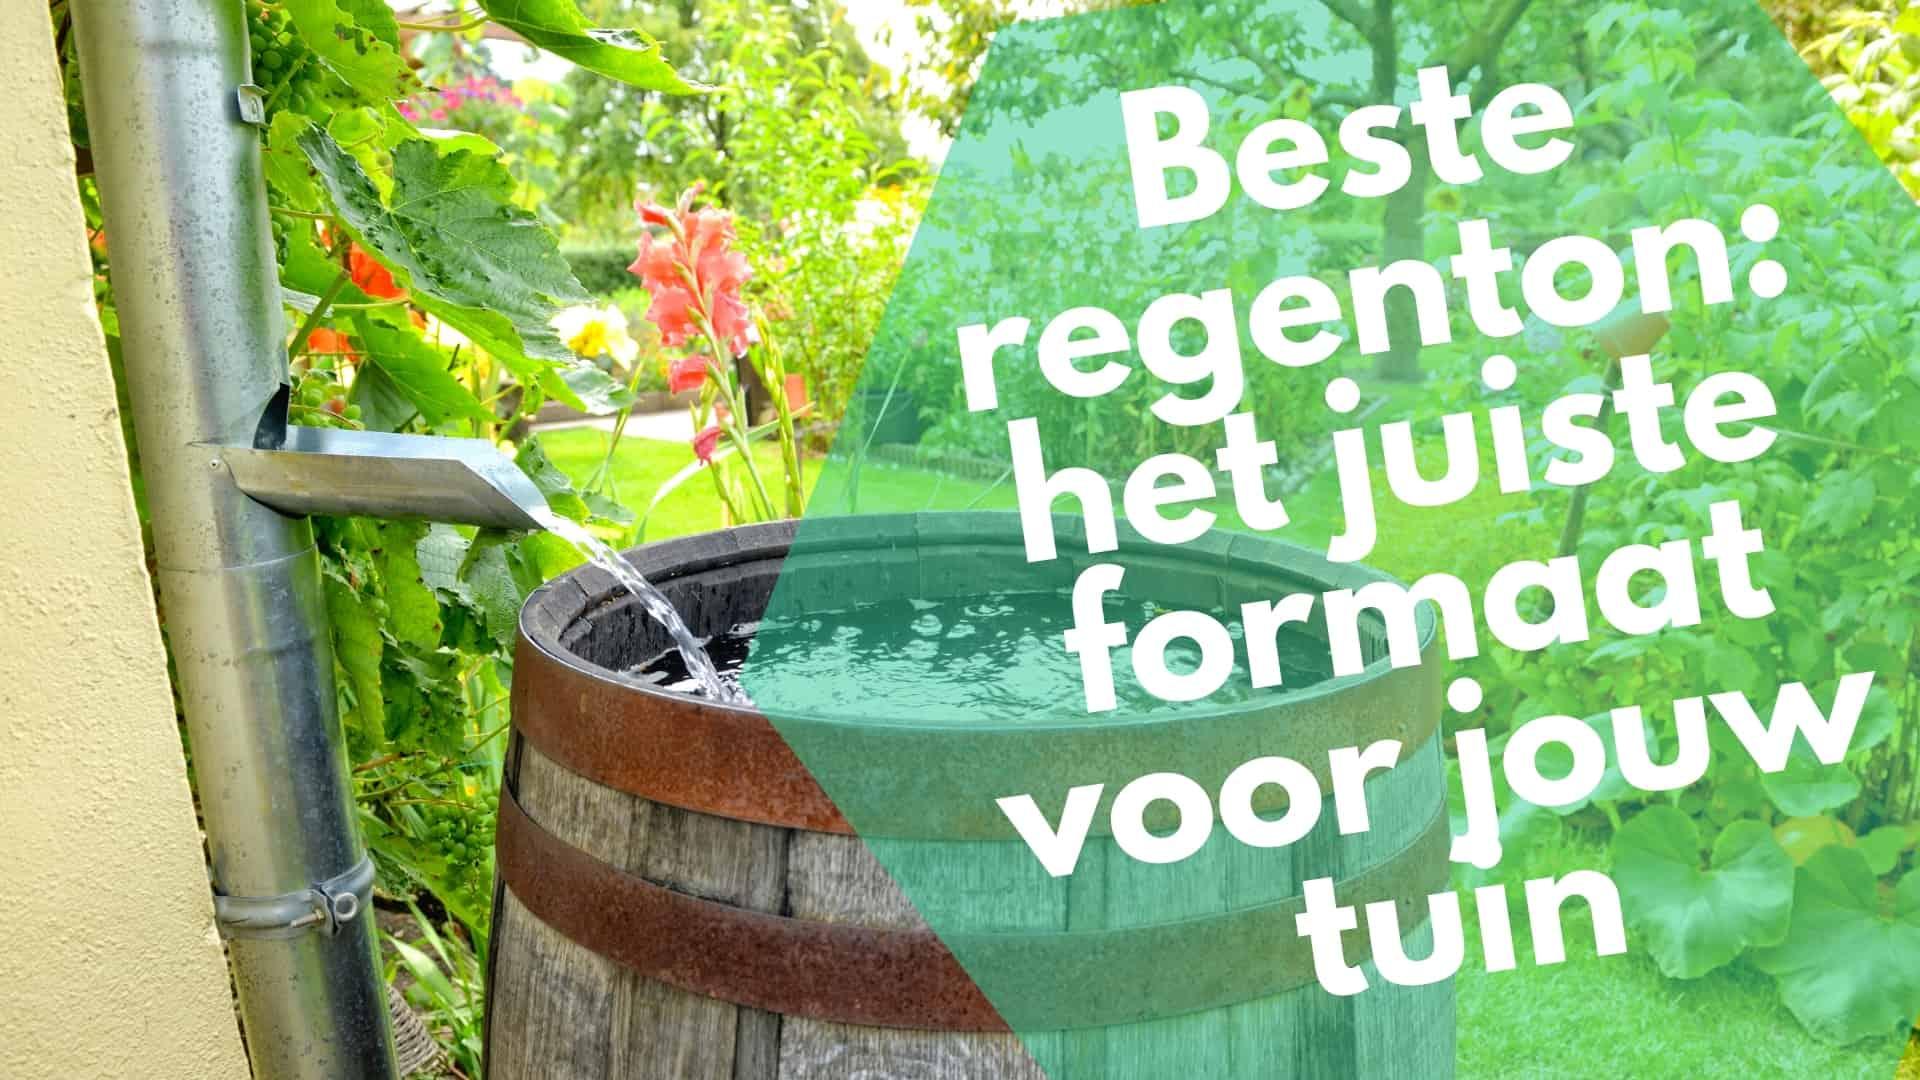 Beste regenton: het juiste formaat voor jouw tuin